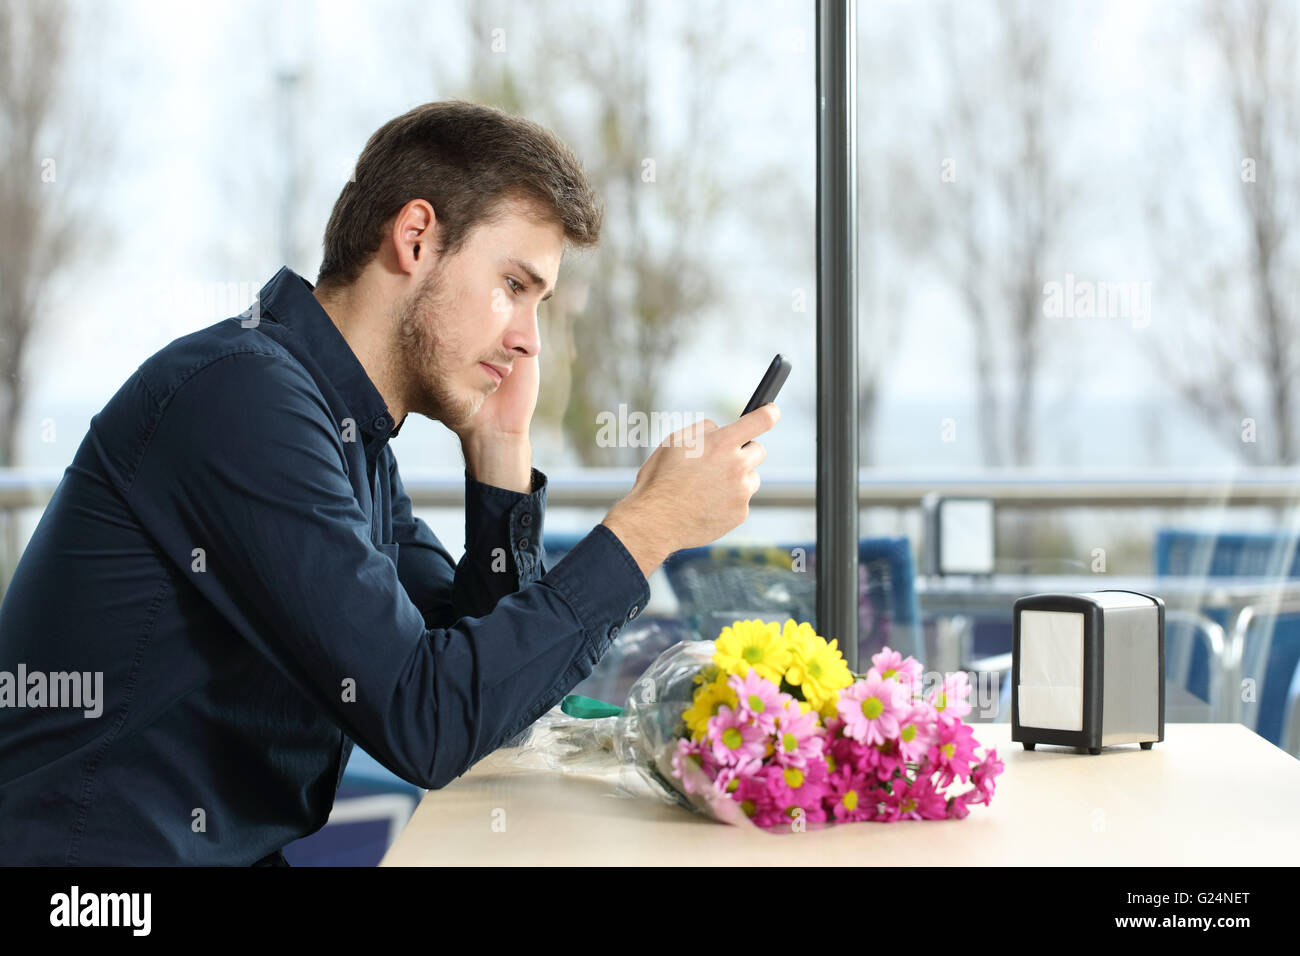 Homme triste avec un bouquet de fleurs a pris la parole à une date phone messages dans un café Photo Stock